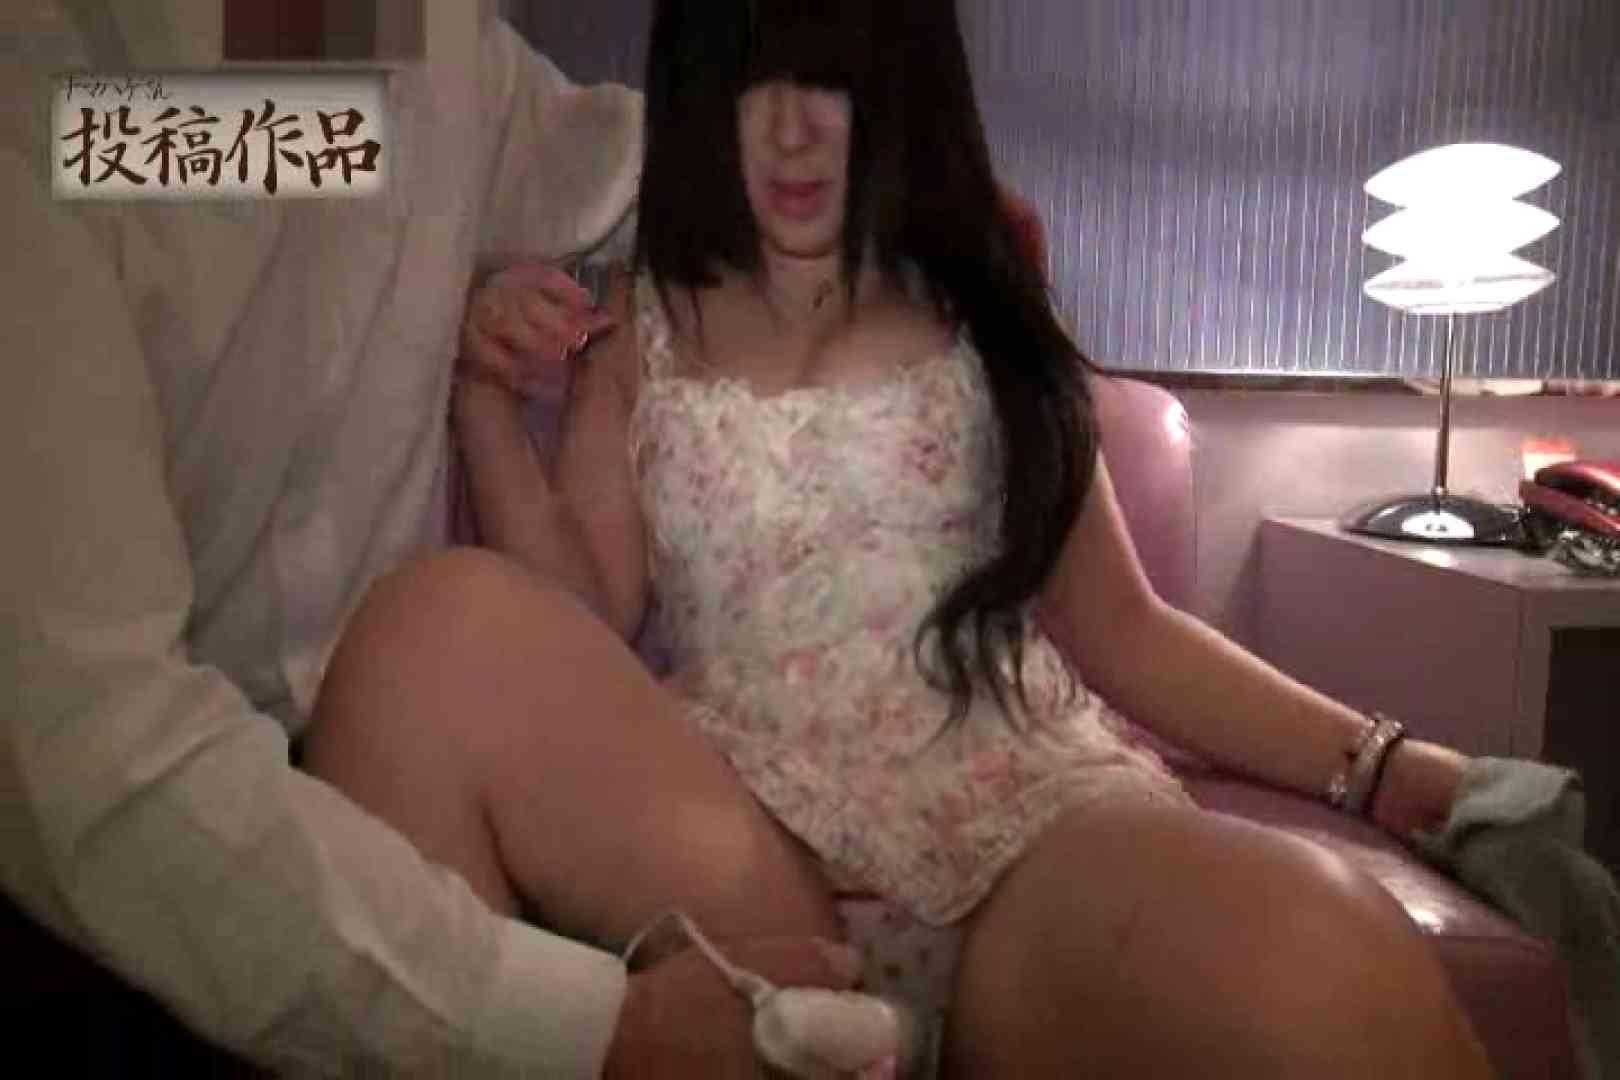 ナマハゲさんのまんこコレクション第二章 noa マンコ映像  58連発 16